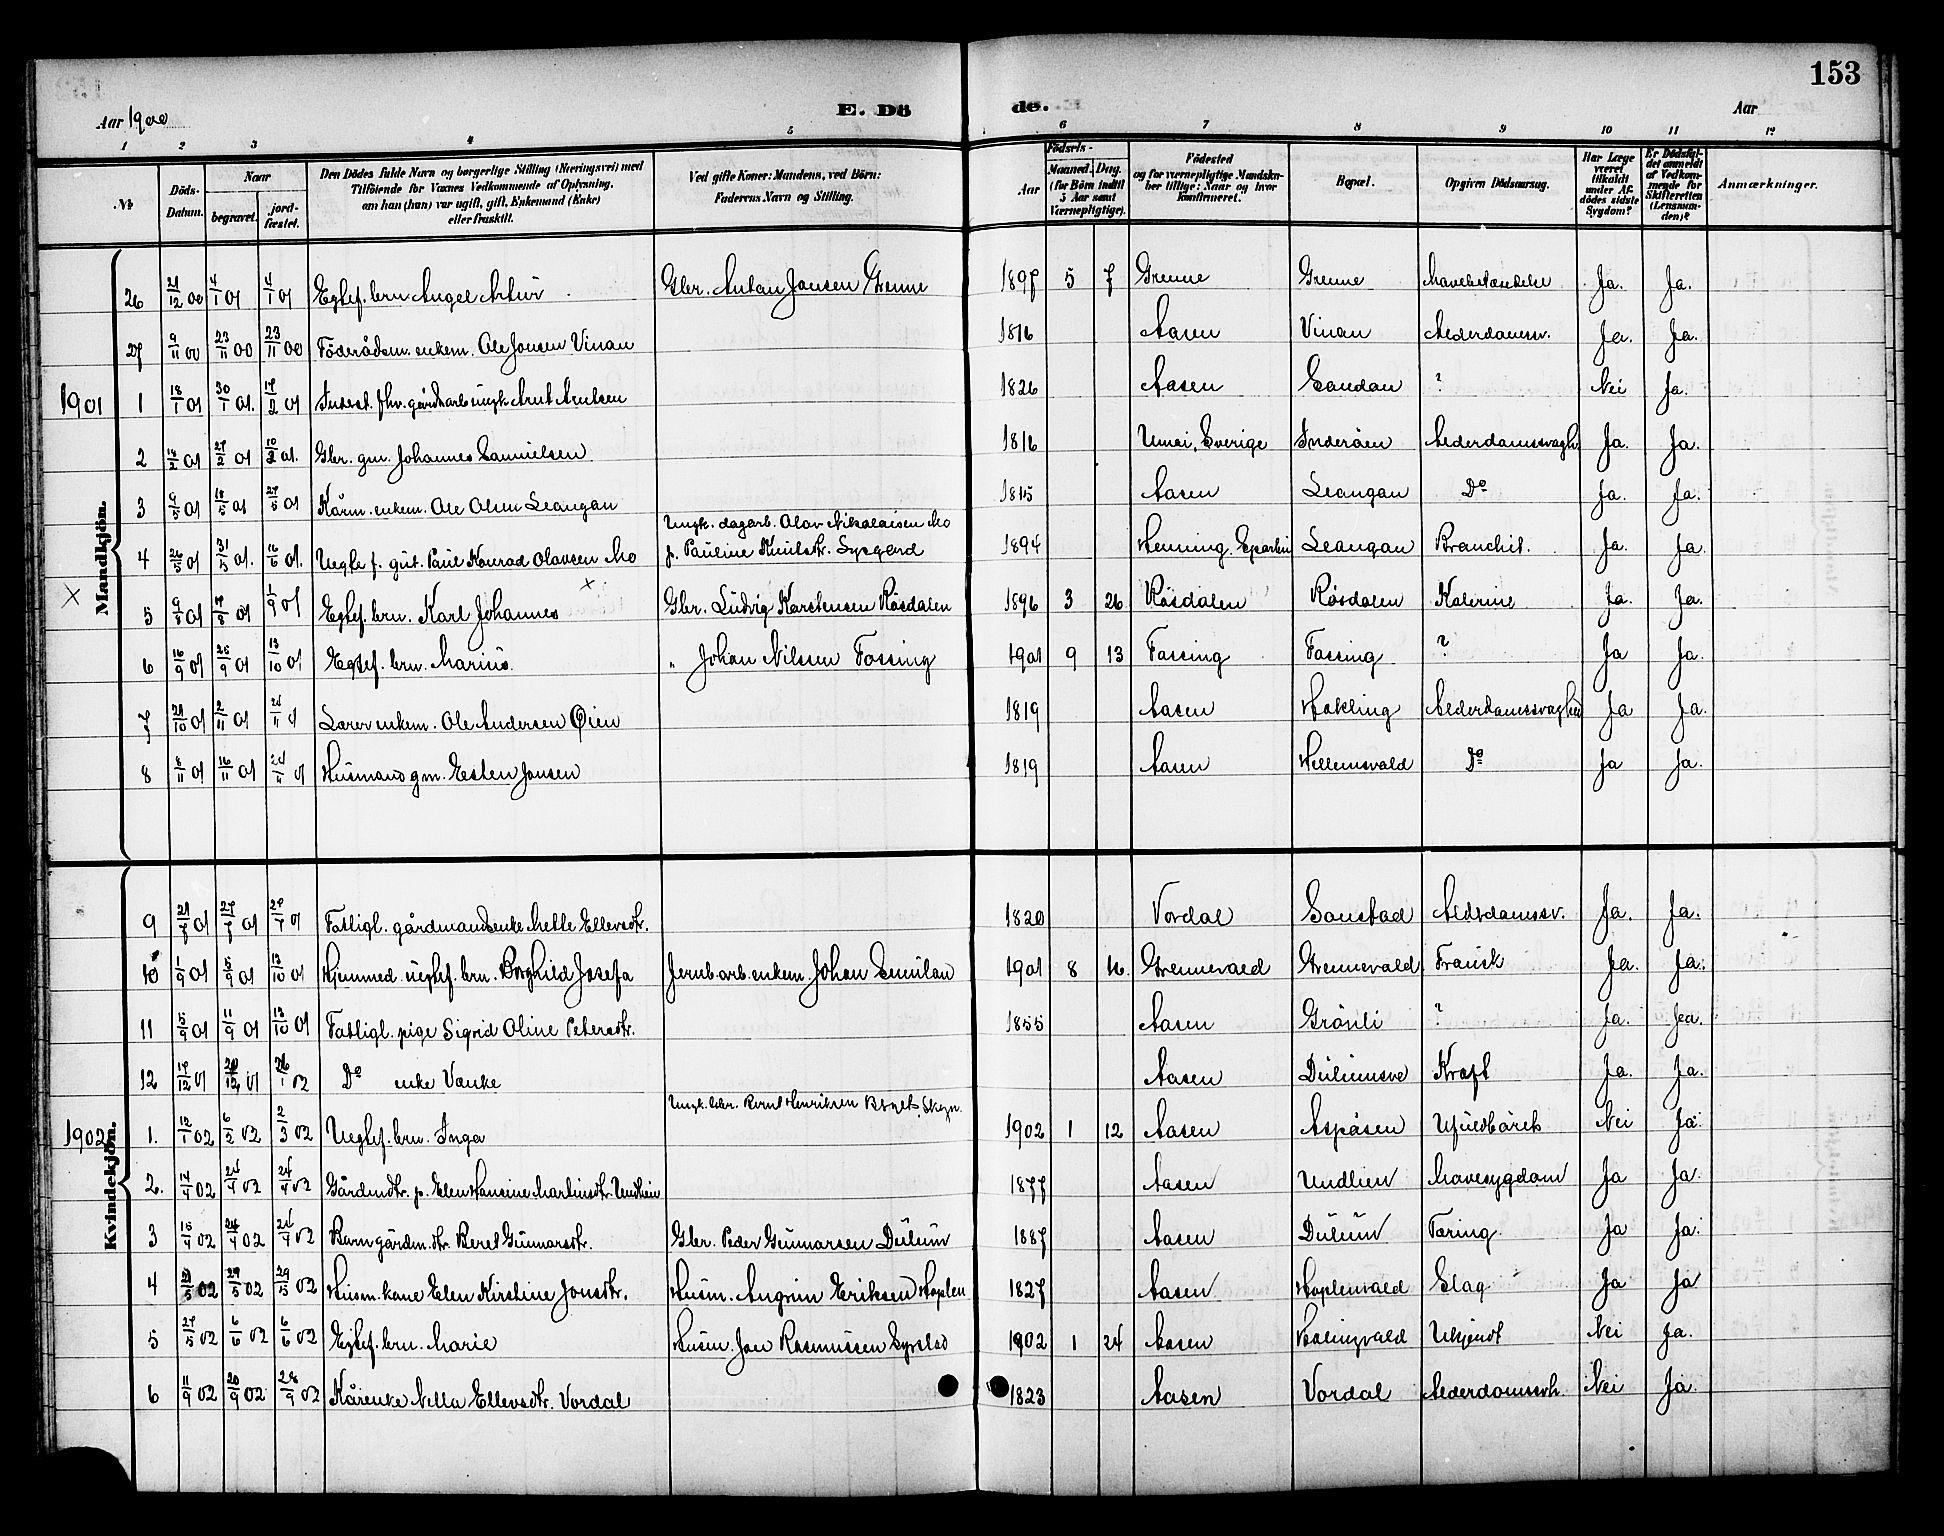 SAT, Ministerialprotokoller, klokkerbøker og fødselsregistre - Nord-Trøndelag, 714/L0135: Klokkerbok nr. 714C04, 1899-1918, s. 153